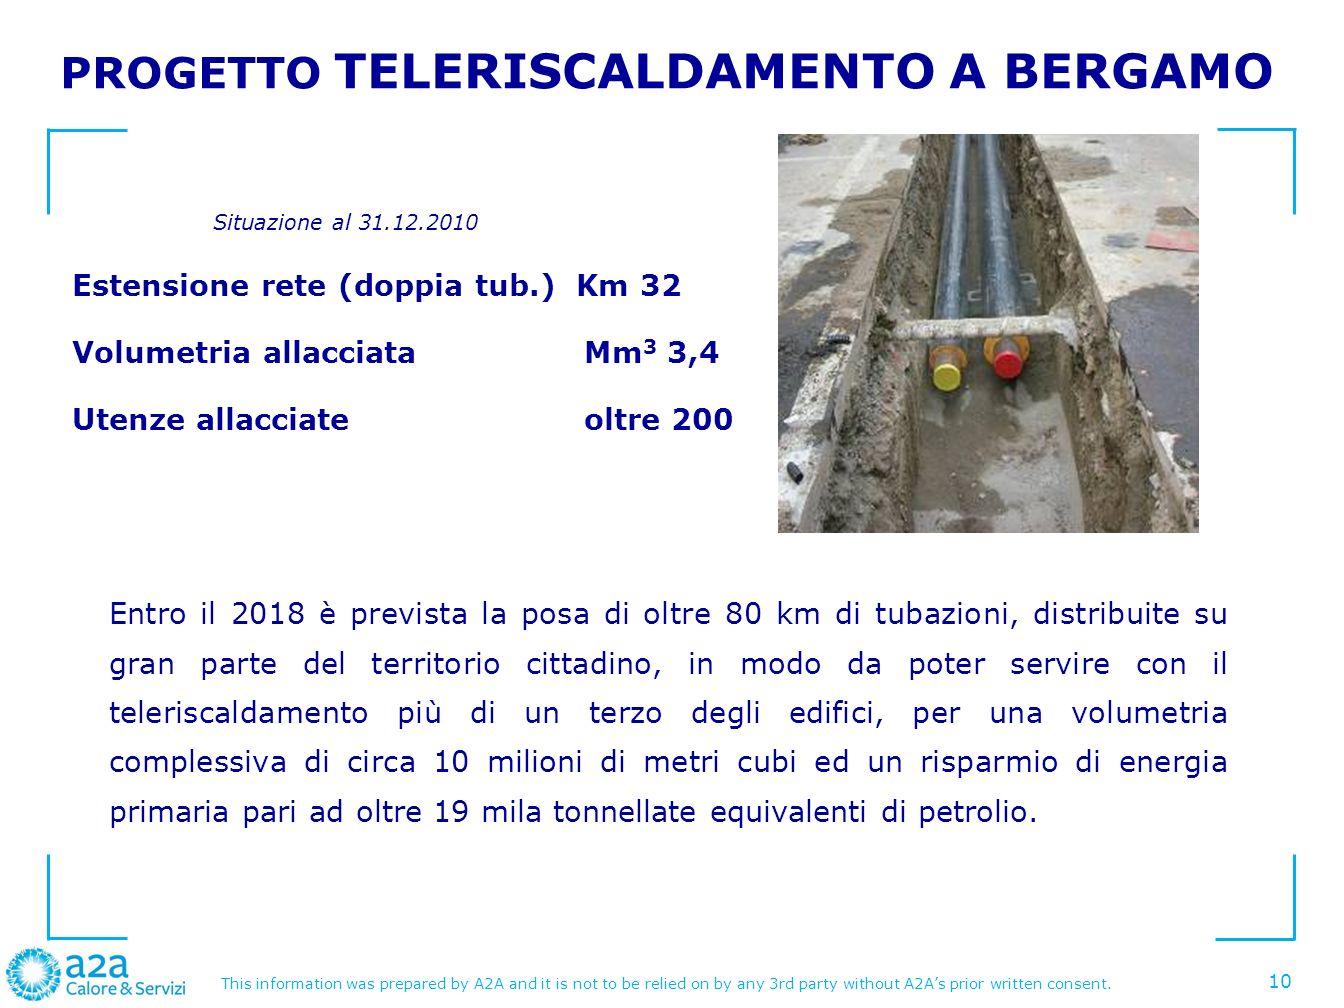 PROGETTO TELERISCALDAMENTO A BERGAMO